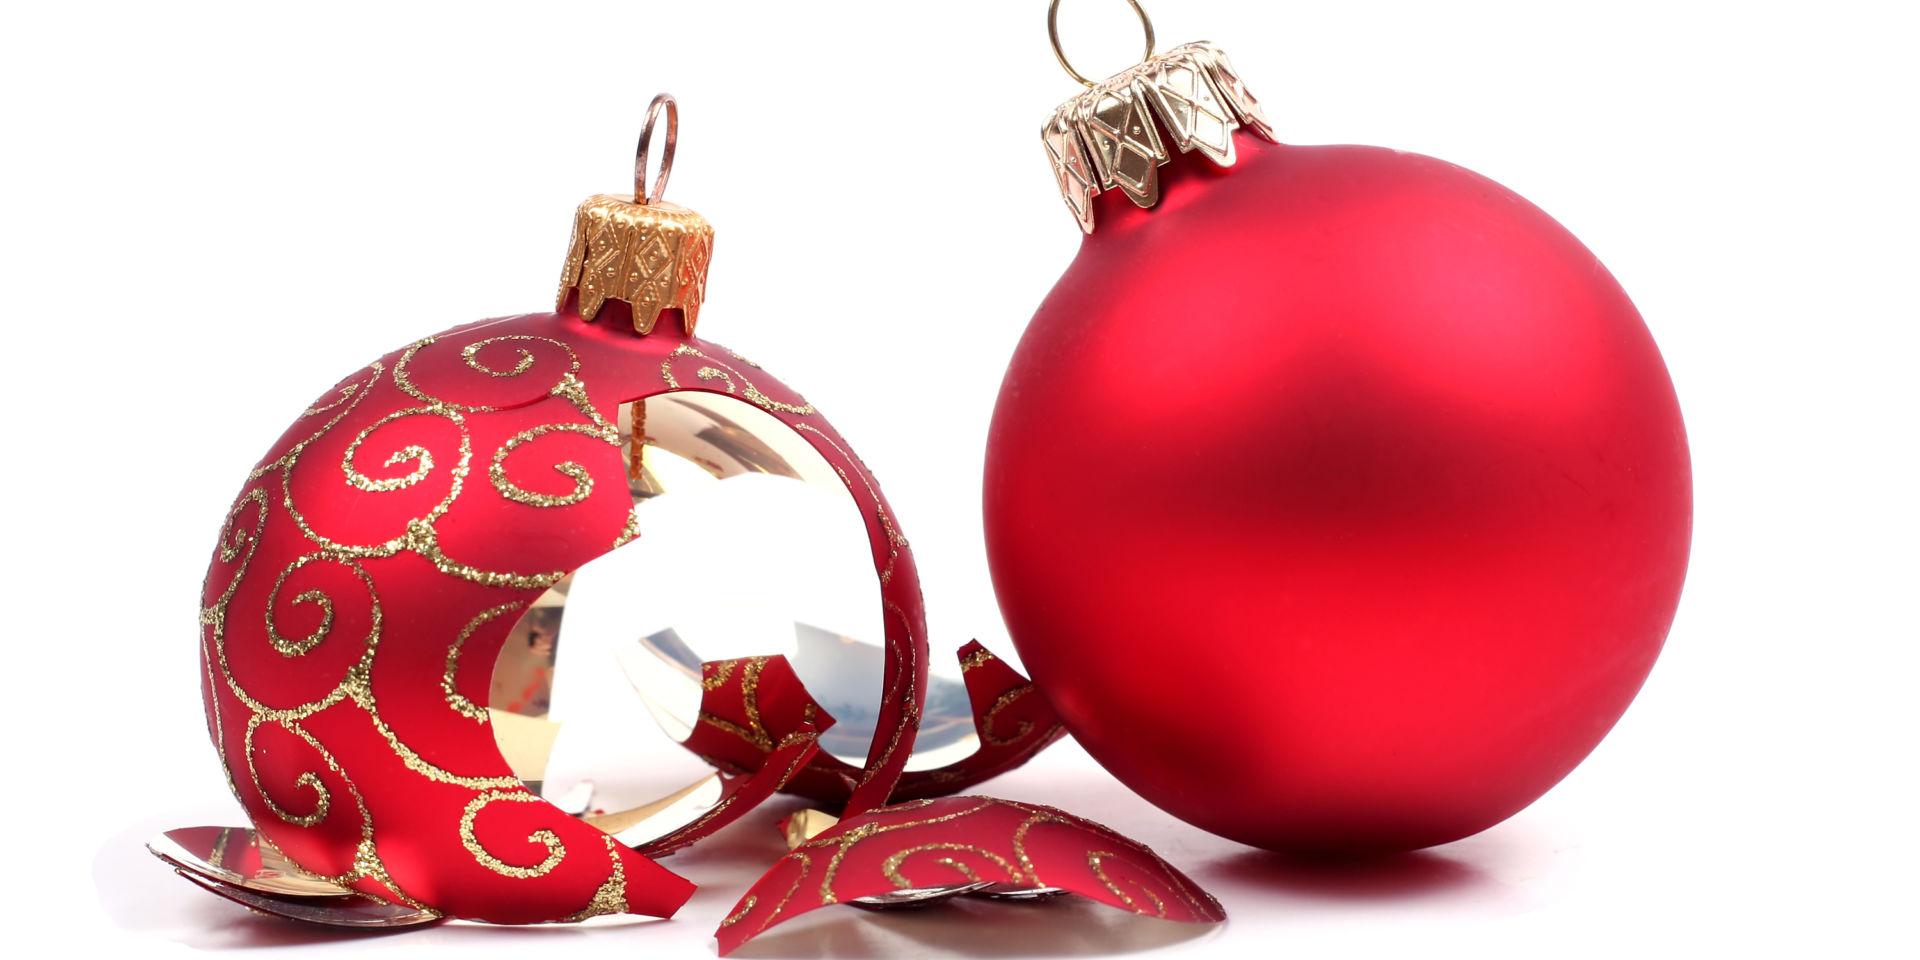 Hajonnut punainen joulupallo